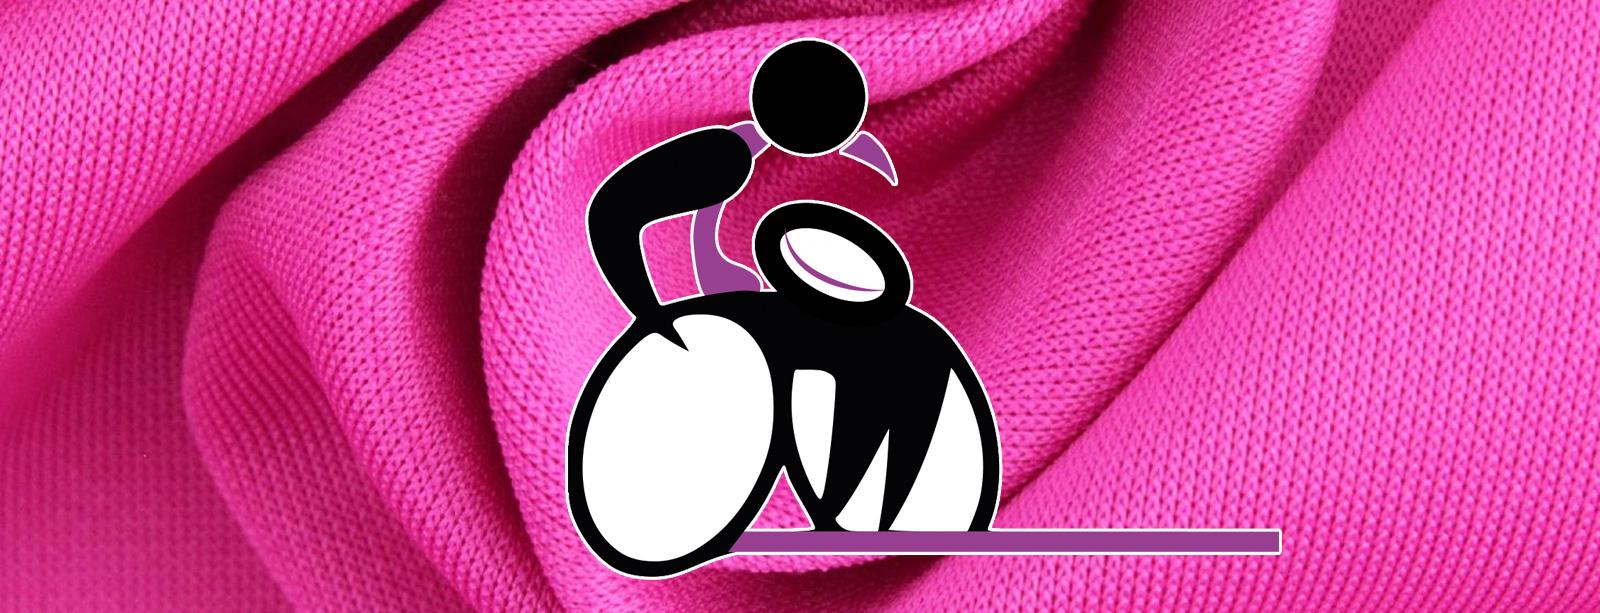 Consigue tu camiseta del Quijote Quad y colabora con el rugby en silla de ruedas